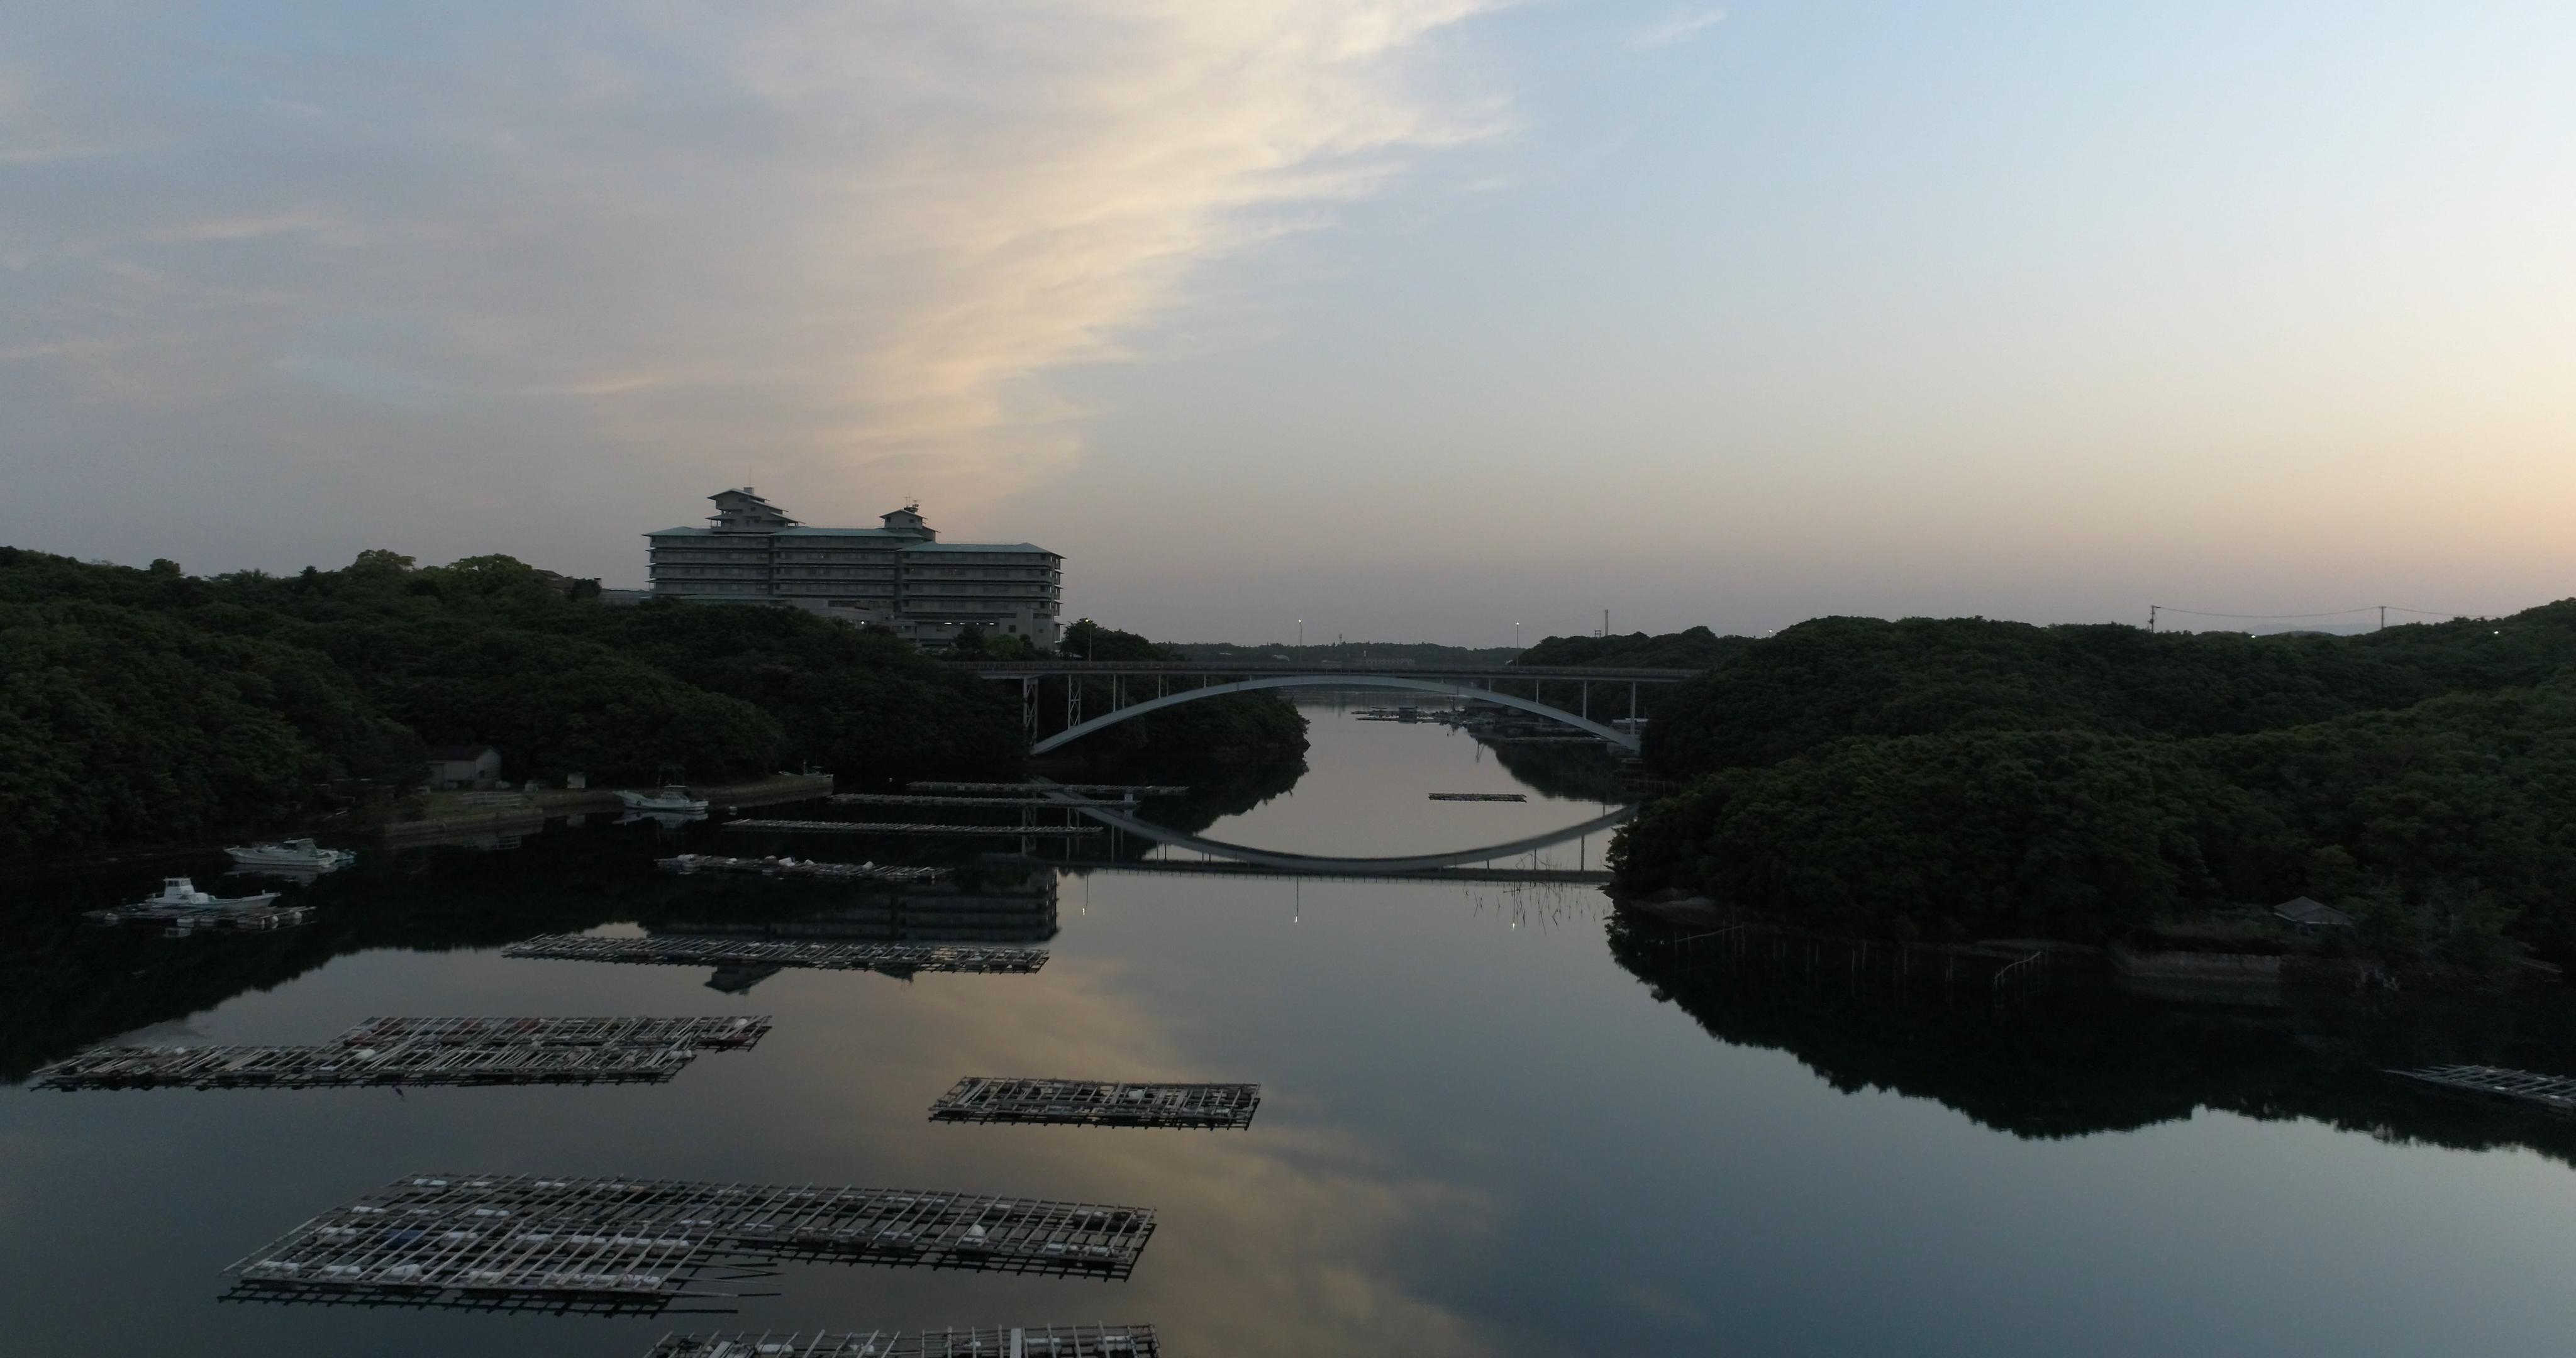 賢島大橋の夕景ポイント(鏡面反射)